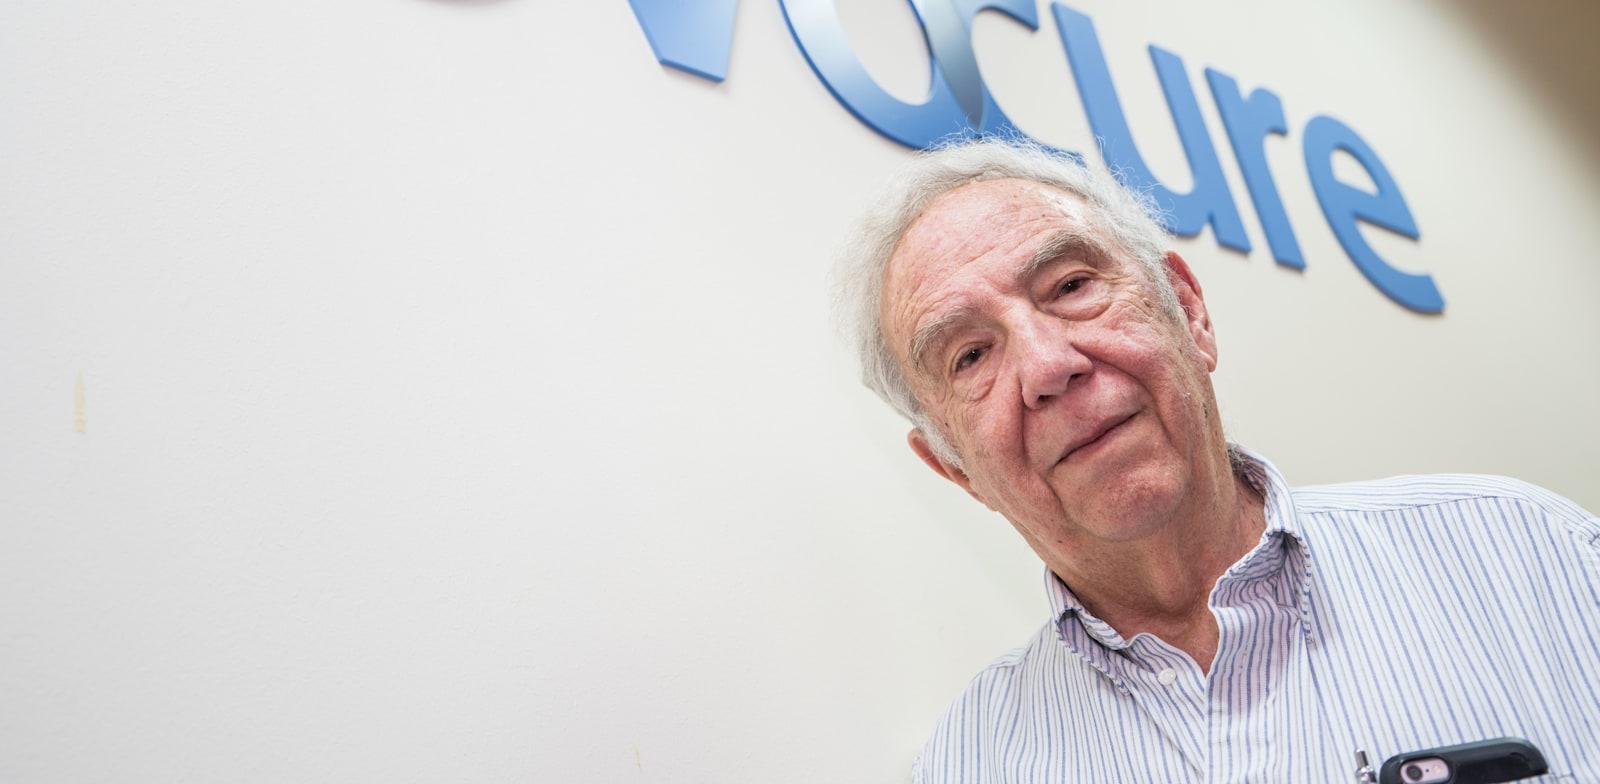 פרופ' יורם פלטי, יזם חברת נובוקיור / צילום: ערן גילווארג